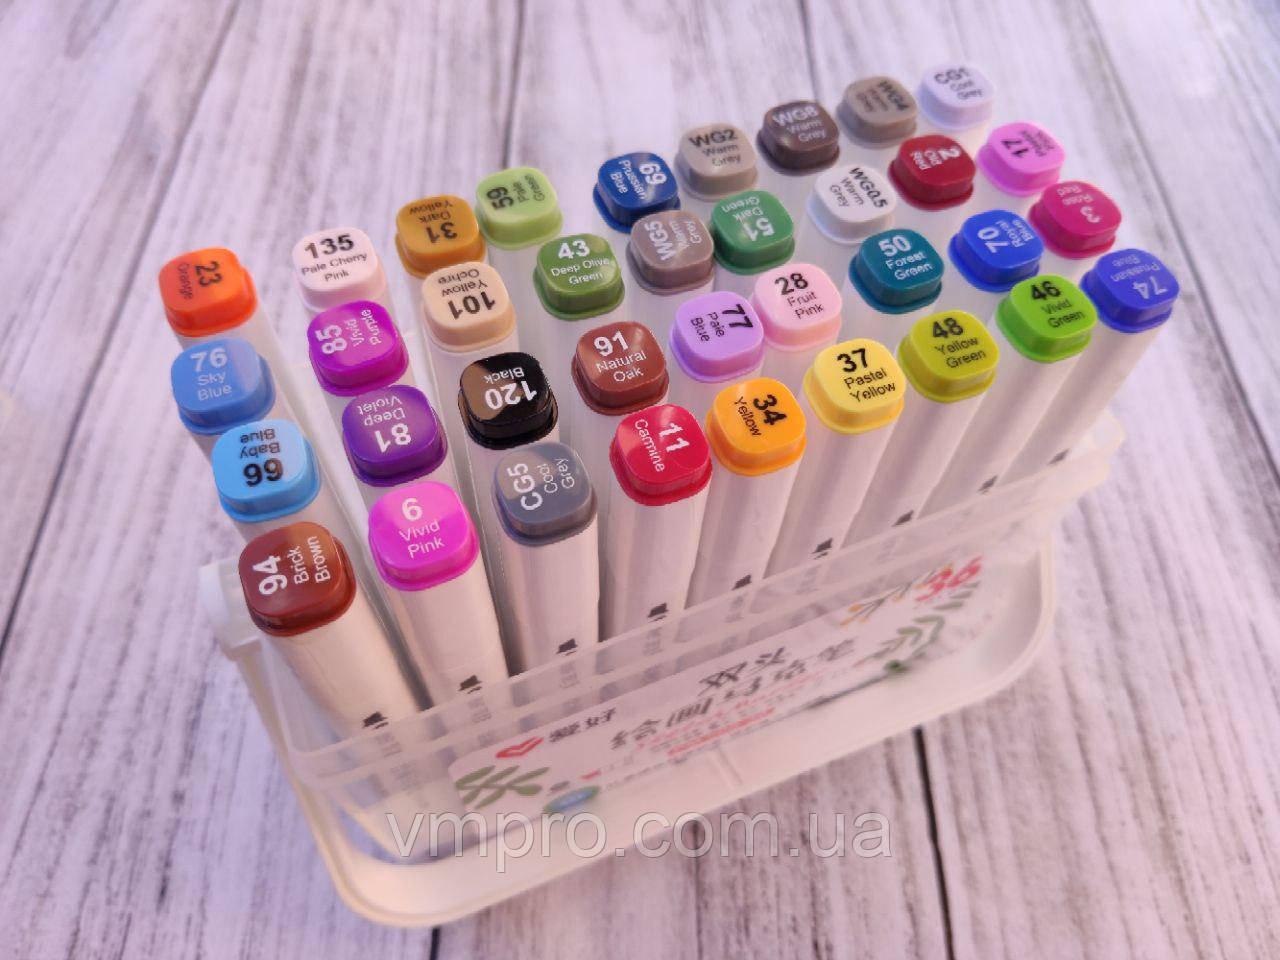 """Скетч маркеры """"Sketch marcer"""" набор 36 цветов, Aihao набор в пластиковом боксе."""